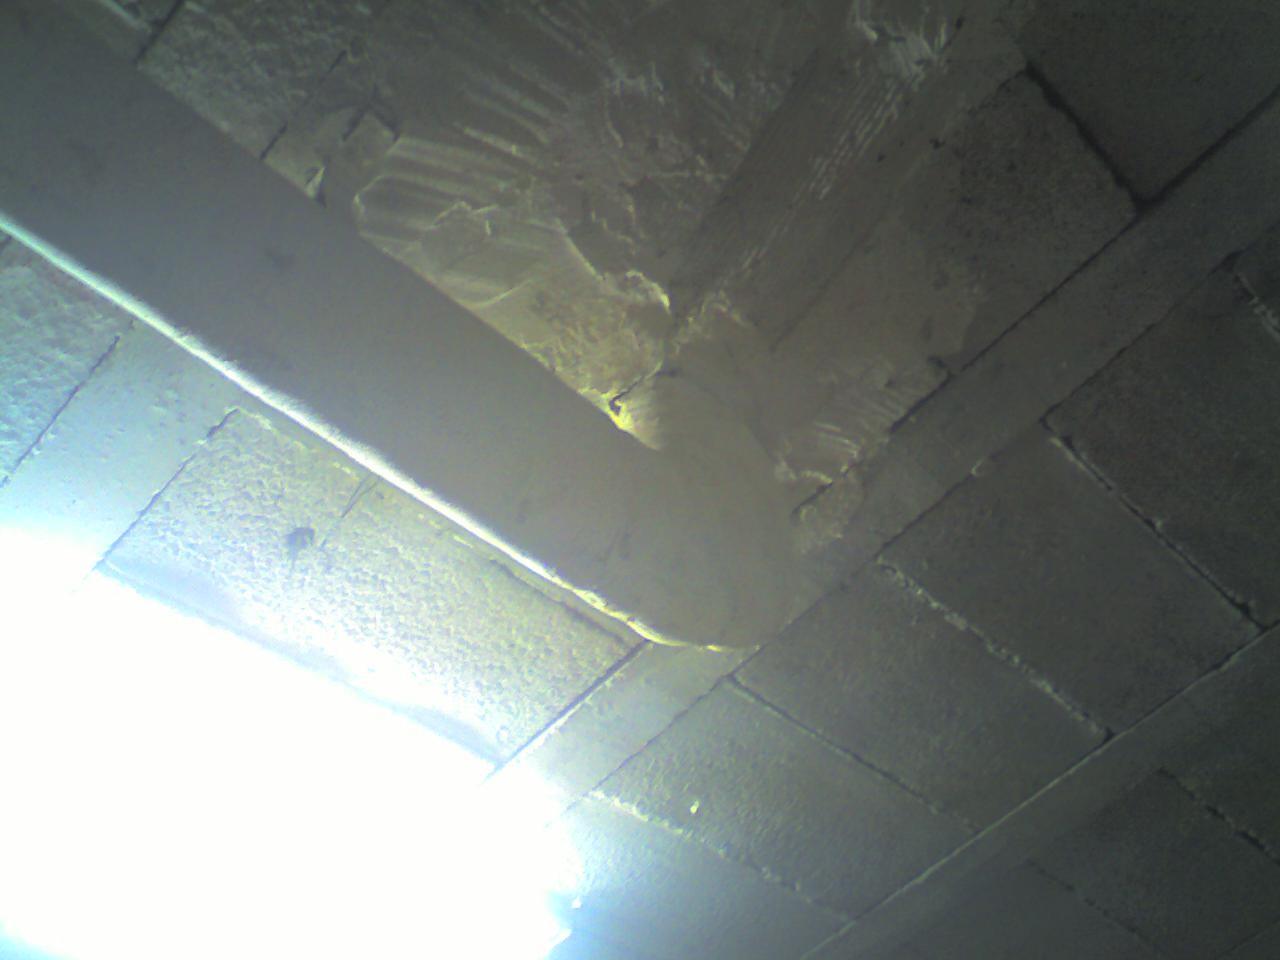 Répérage des réseaux par thermographie infrarouge